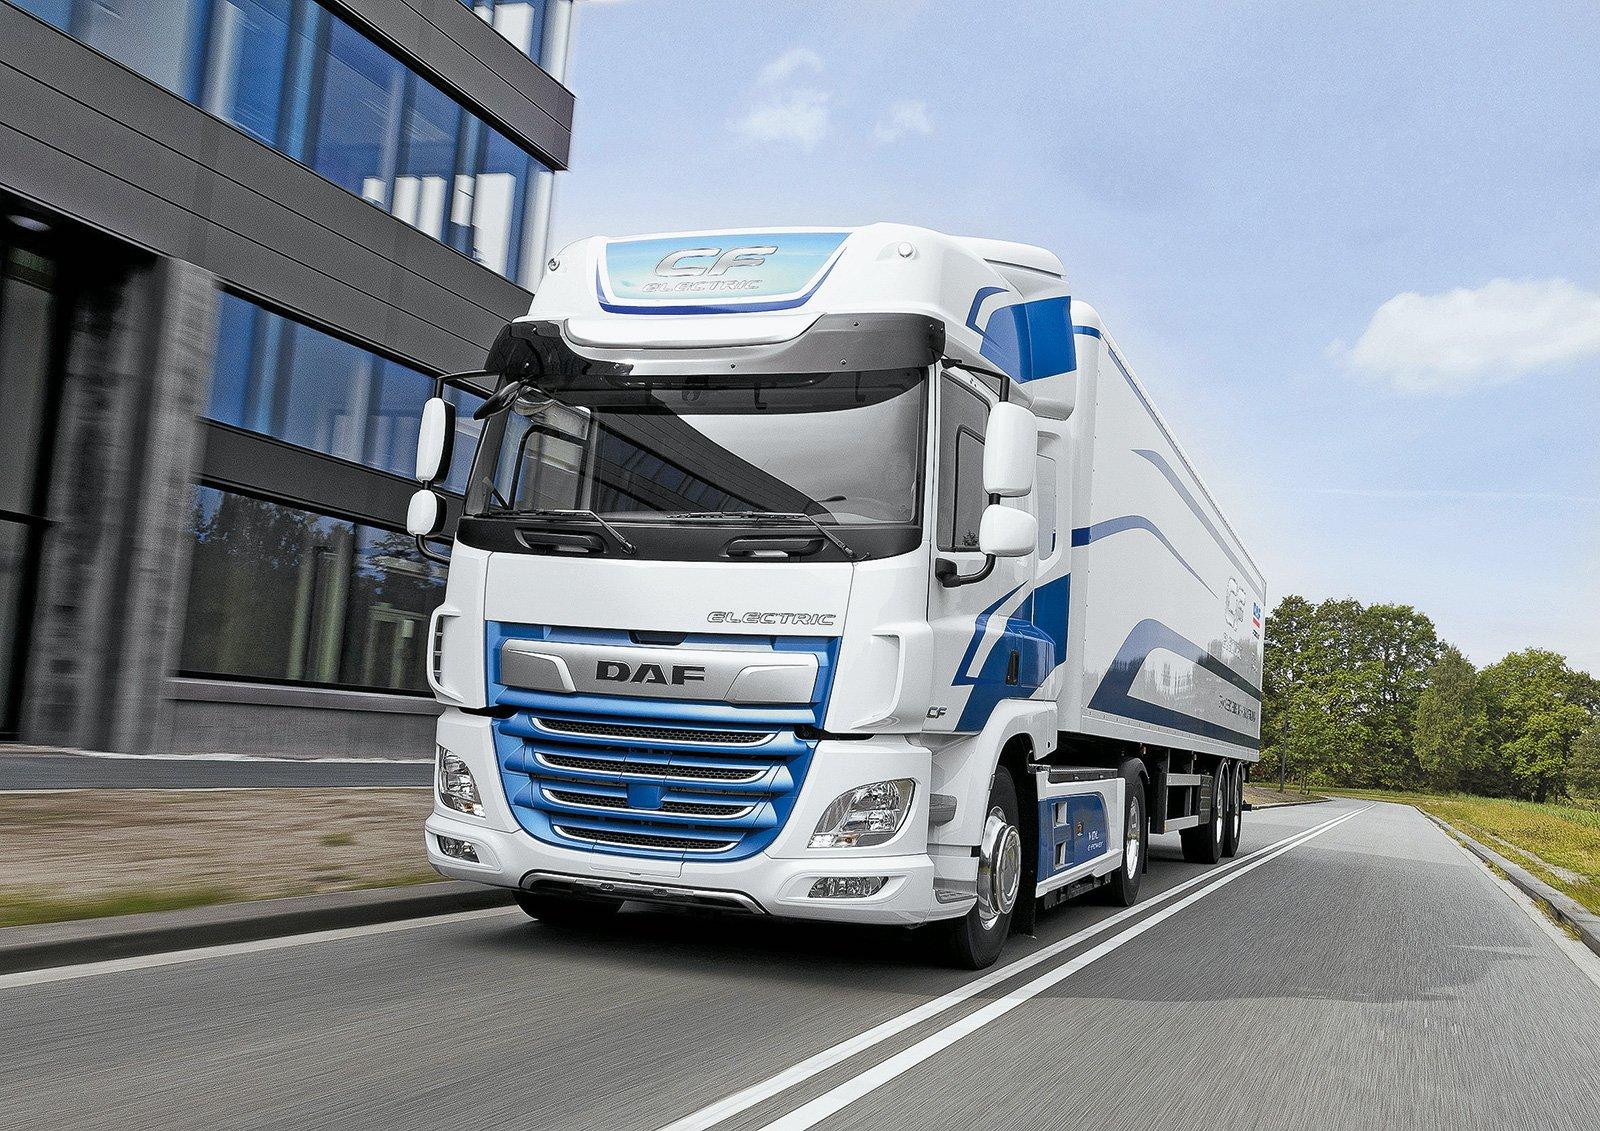 Электрические грузовики: в чем их преимущества и недостатки. Разбираемся на примере DAF CF Electric